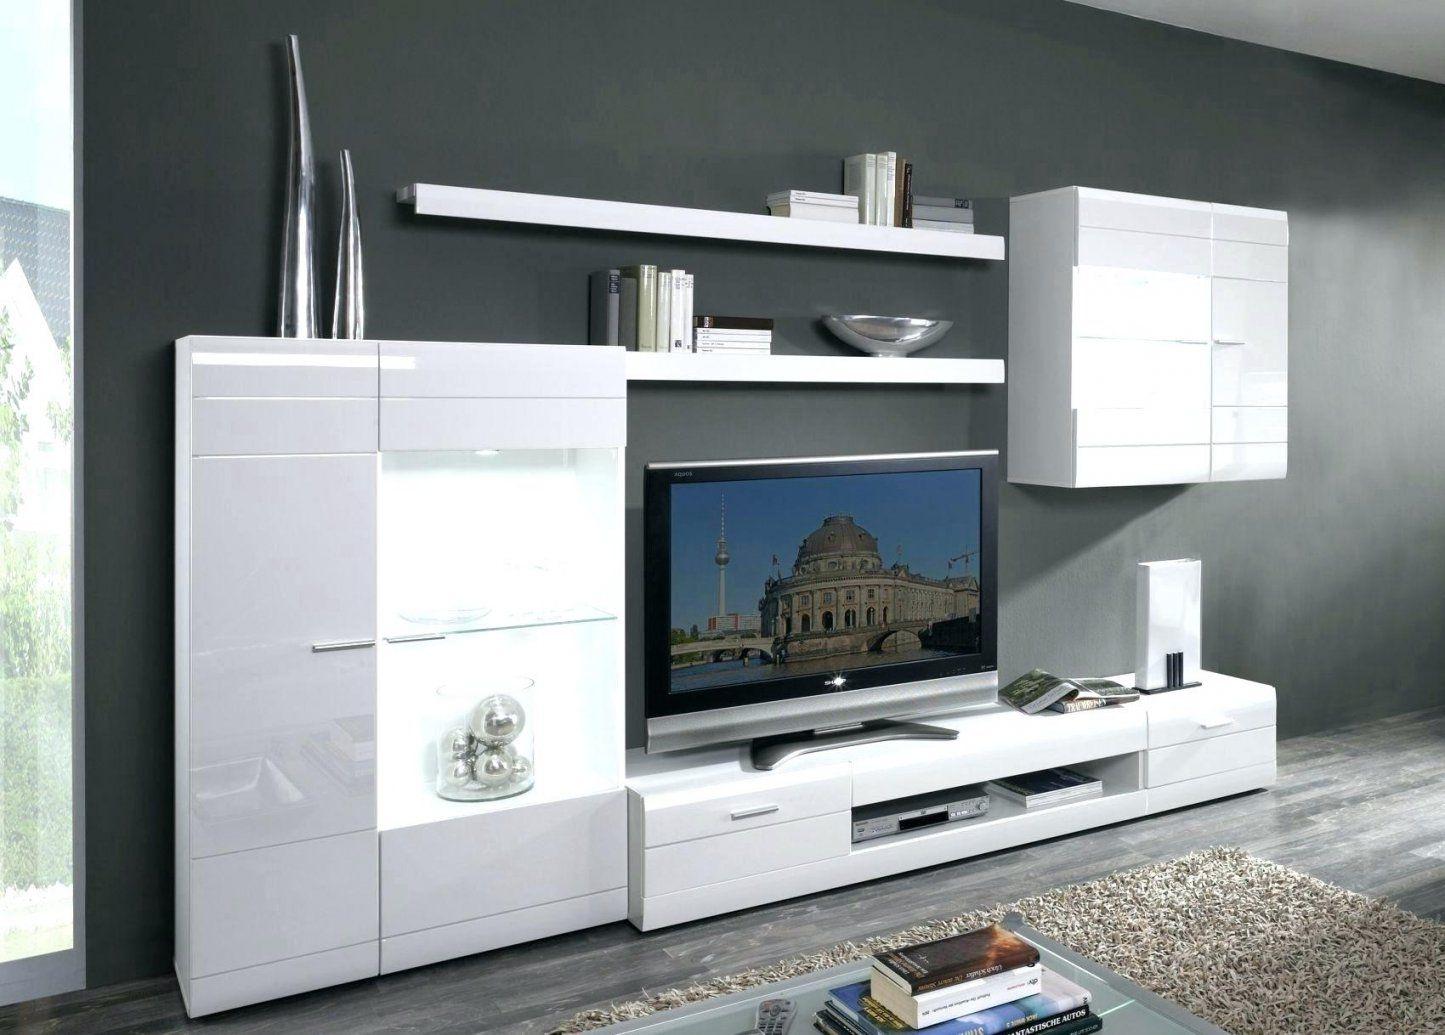 Schrankwand Ikea Weiss Erstaunlich Wohnwand Weis Hochglanz Weia von Ikea Wohnwand Weiß Hochglanz Photo